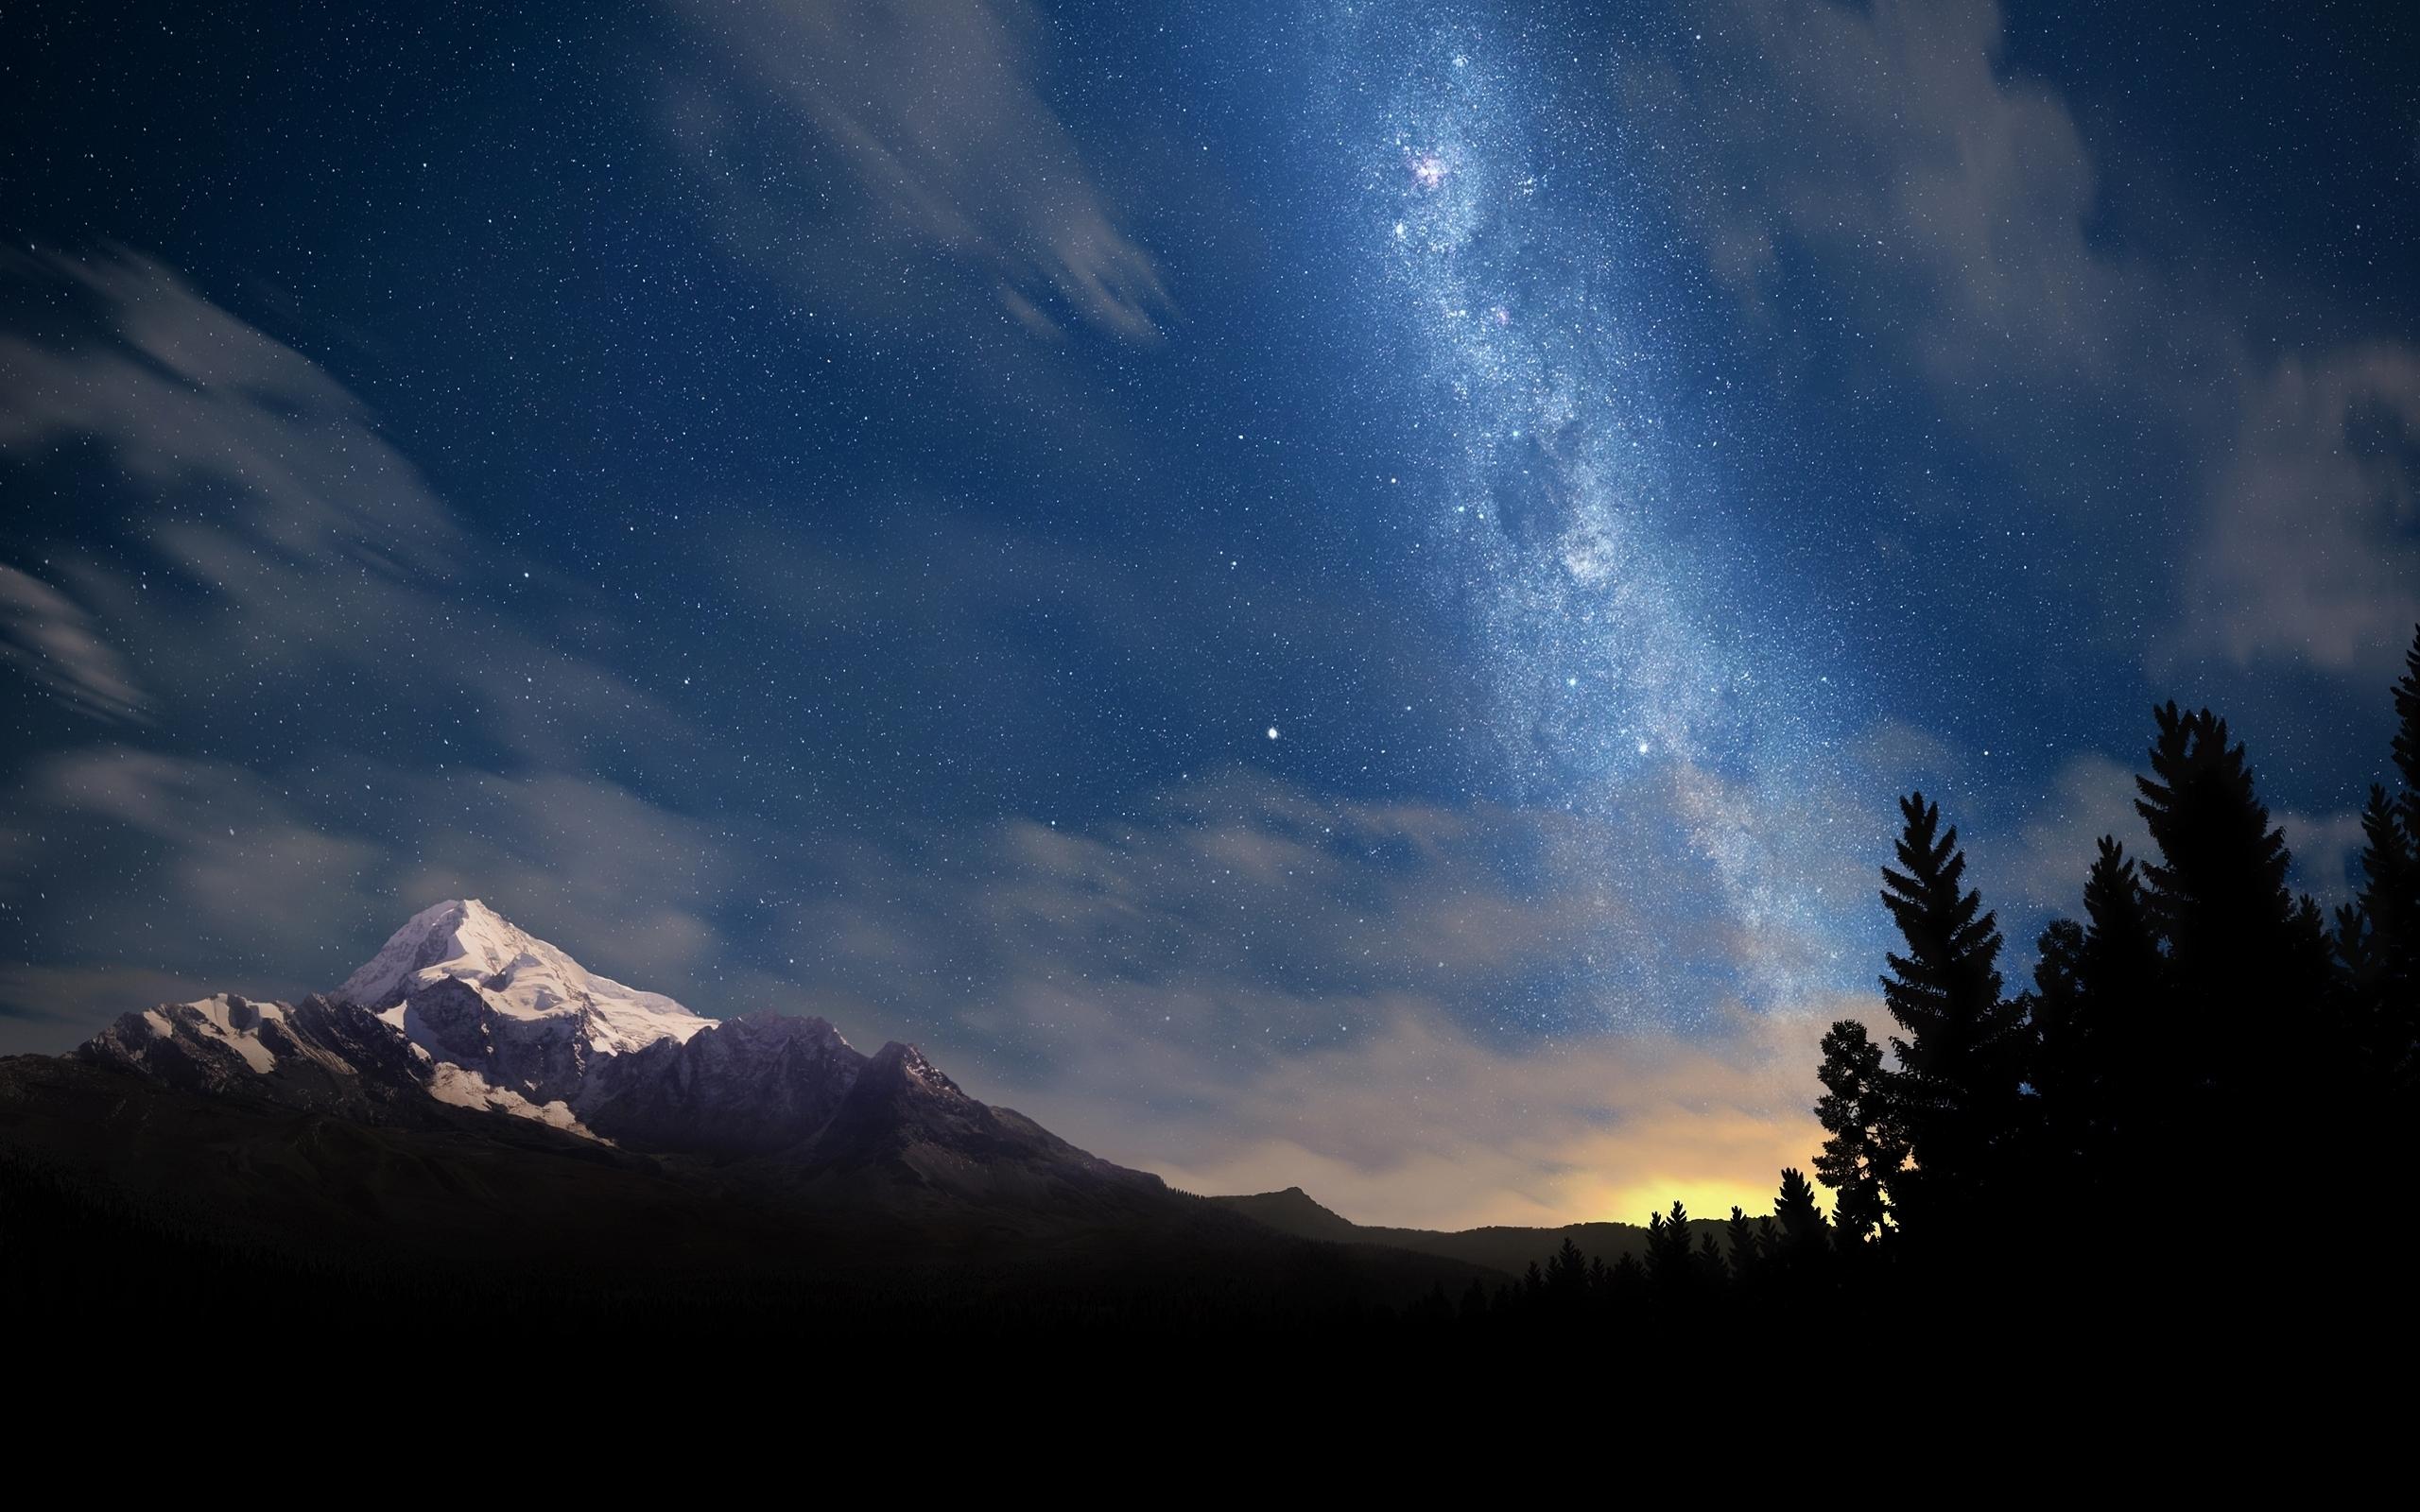 горы ночь лес дорога бесплатно